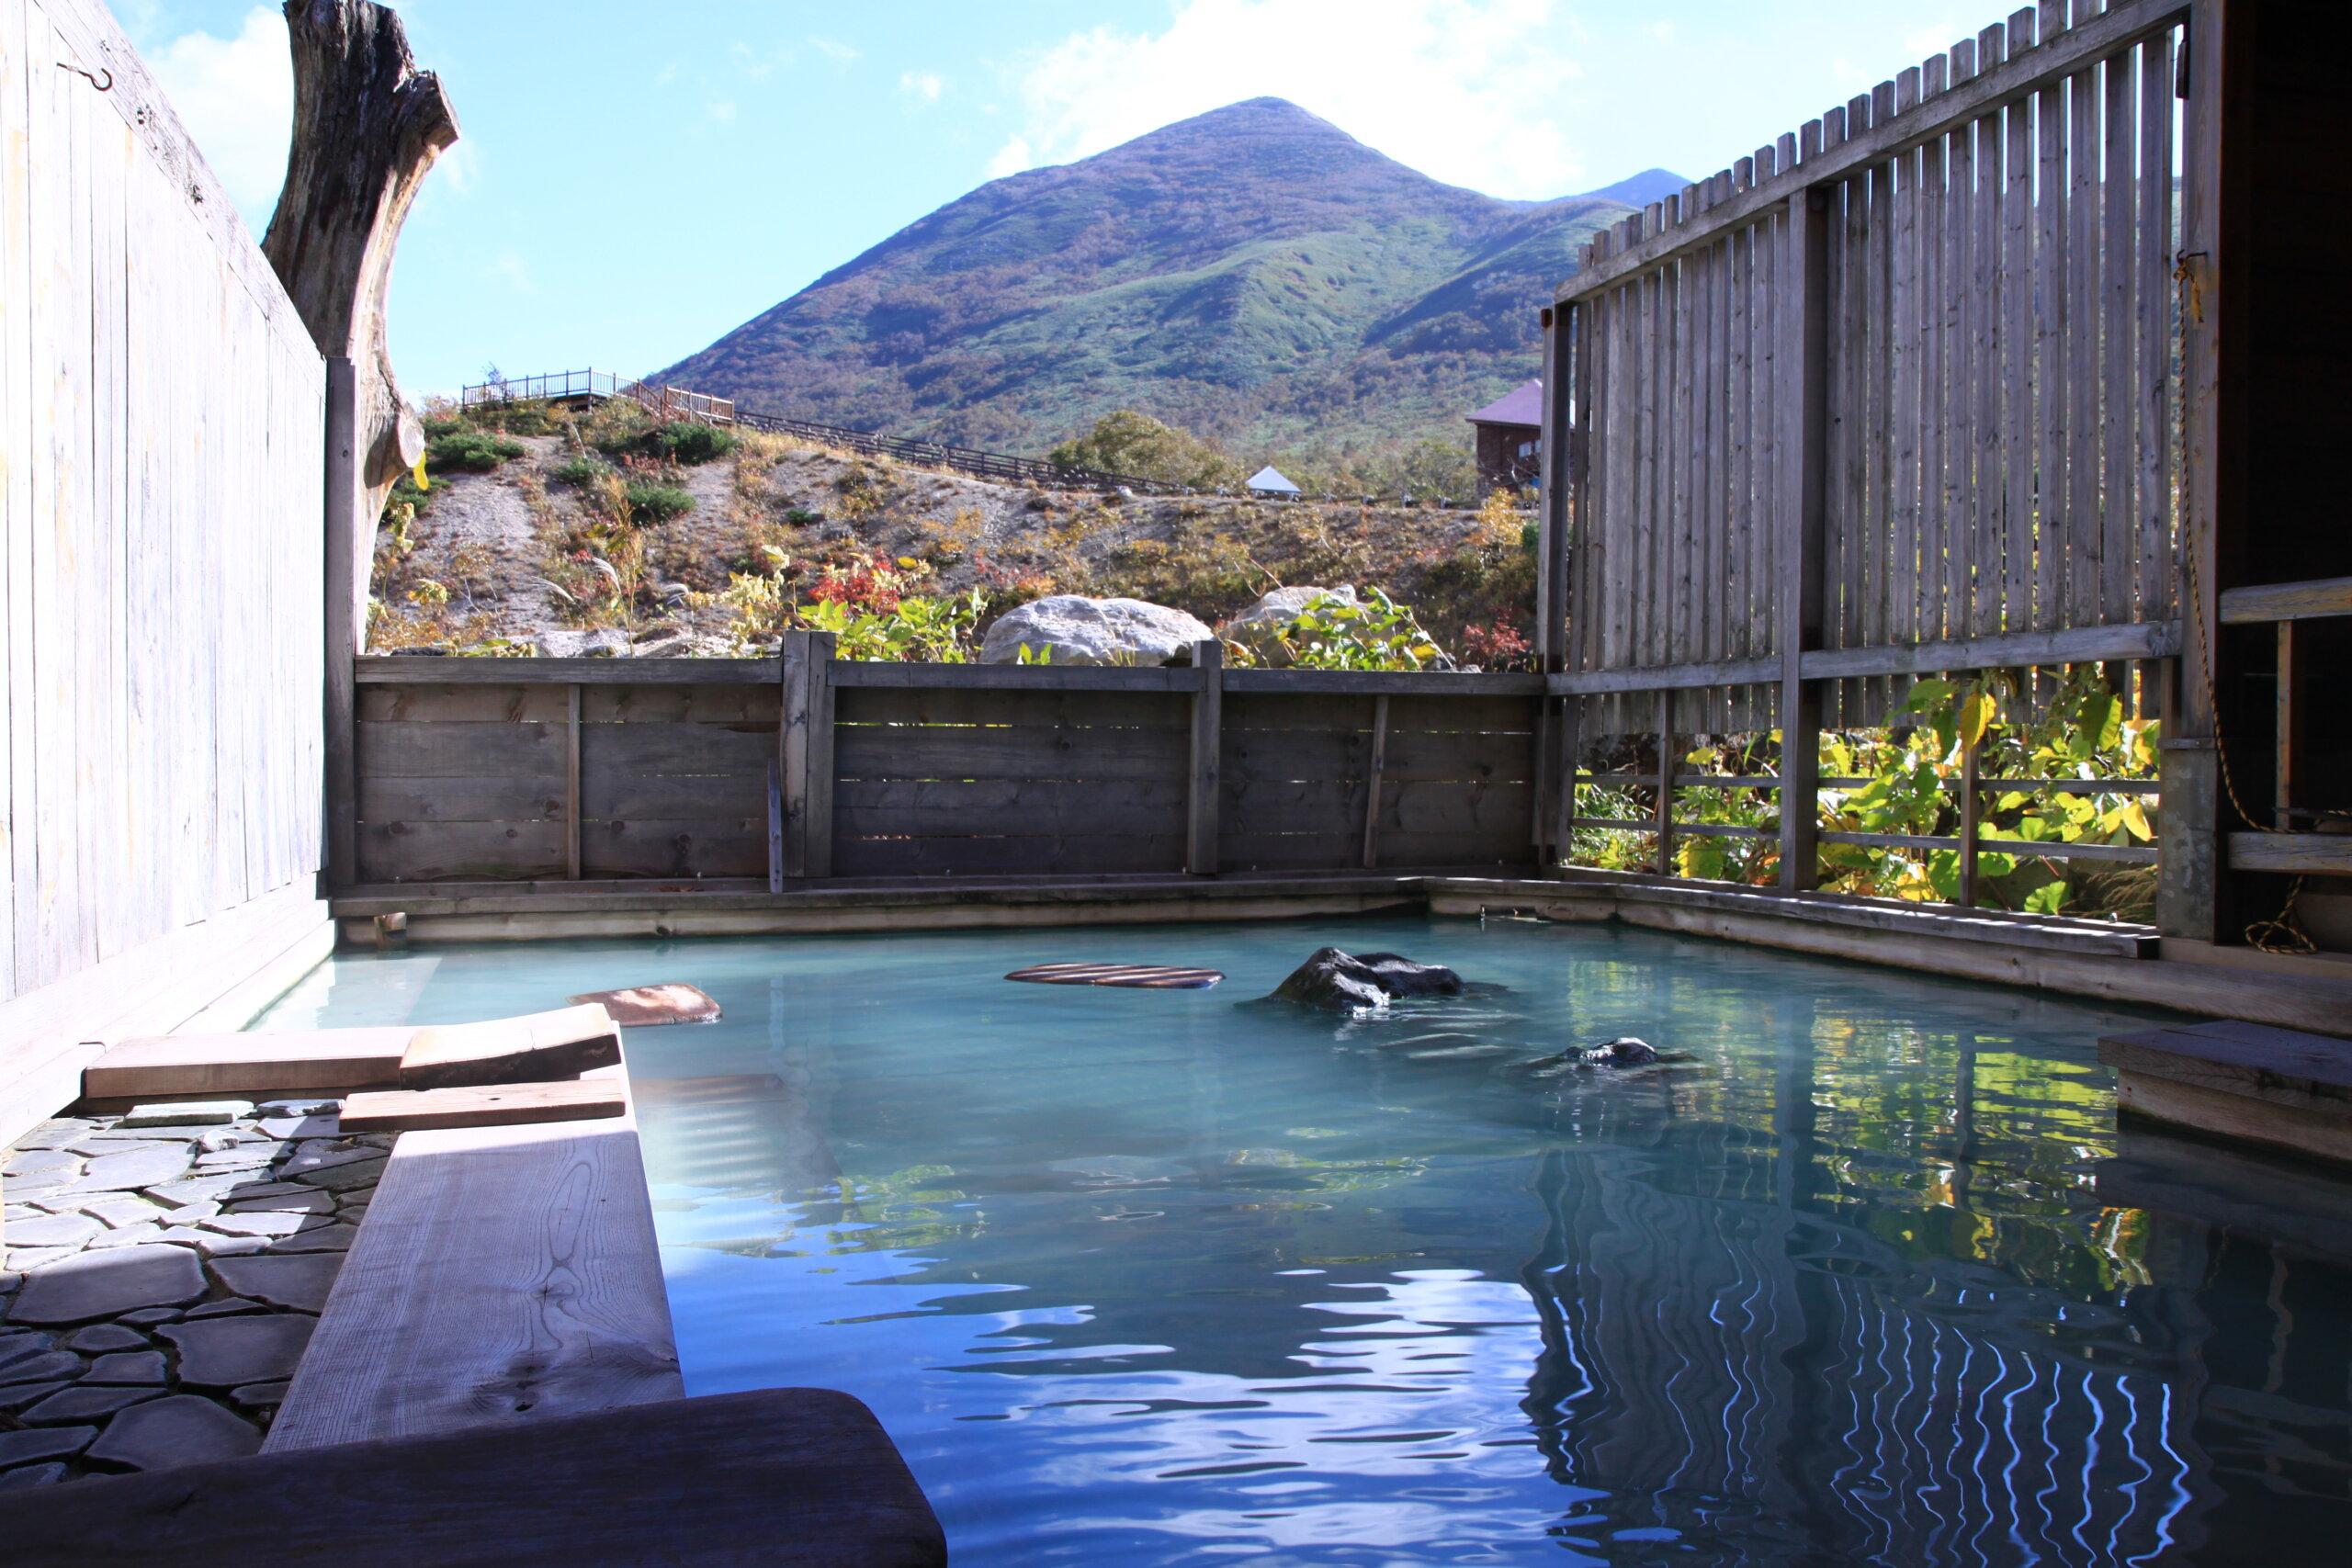 新雪谷五色溫泉旅館:享盡二世谷群山絕景以及優質溫泉